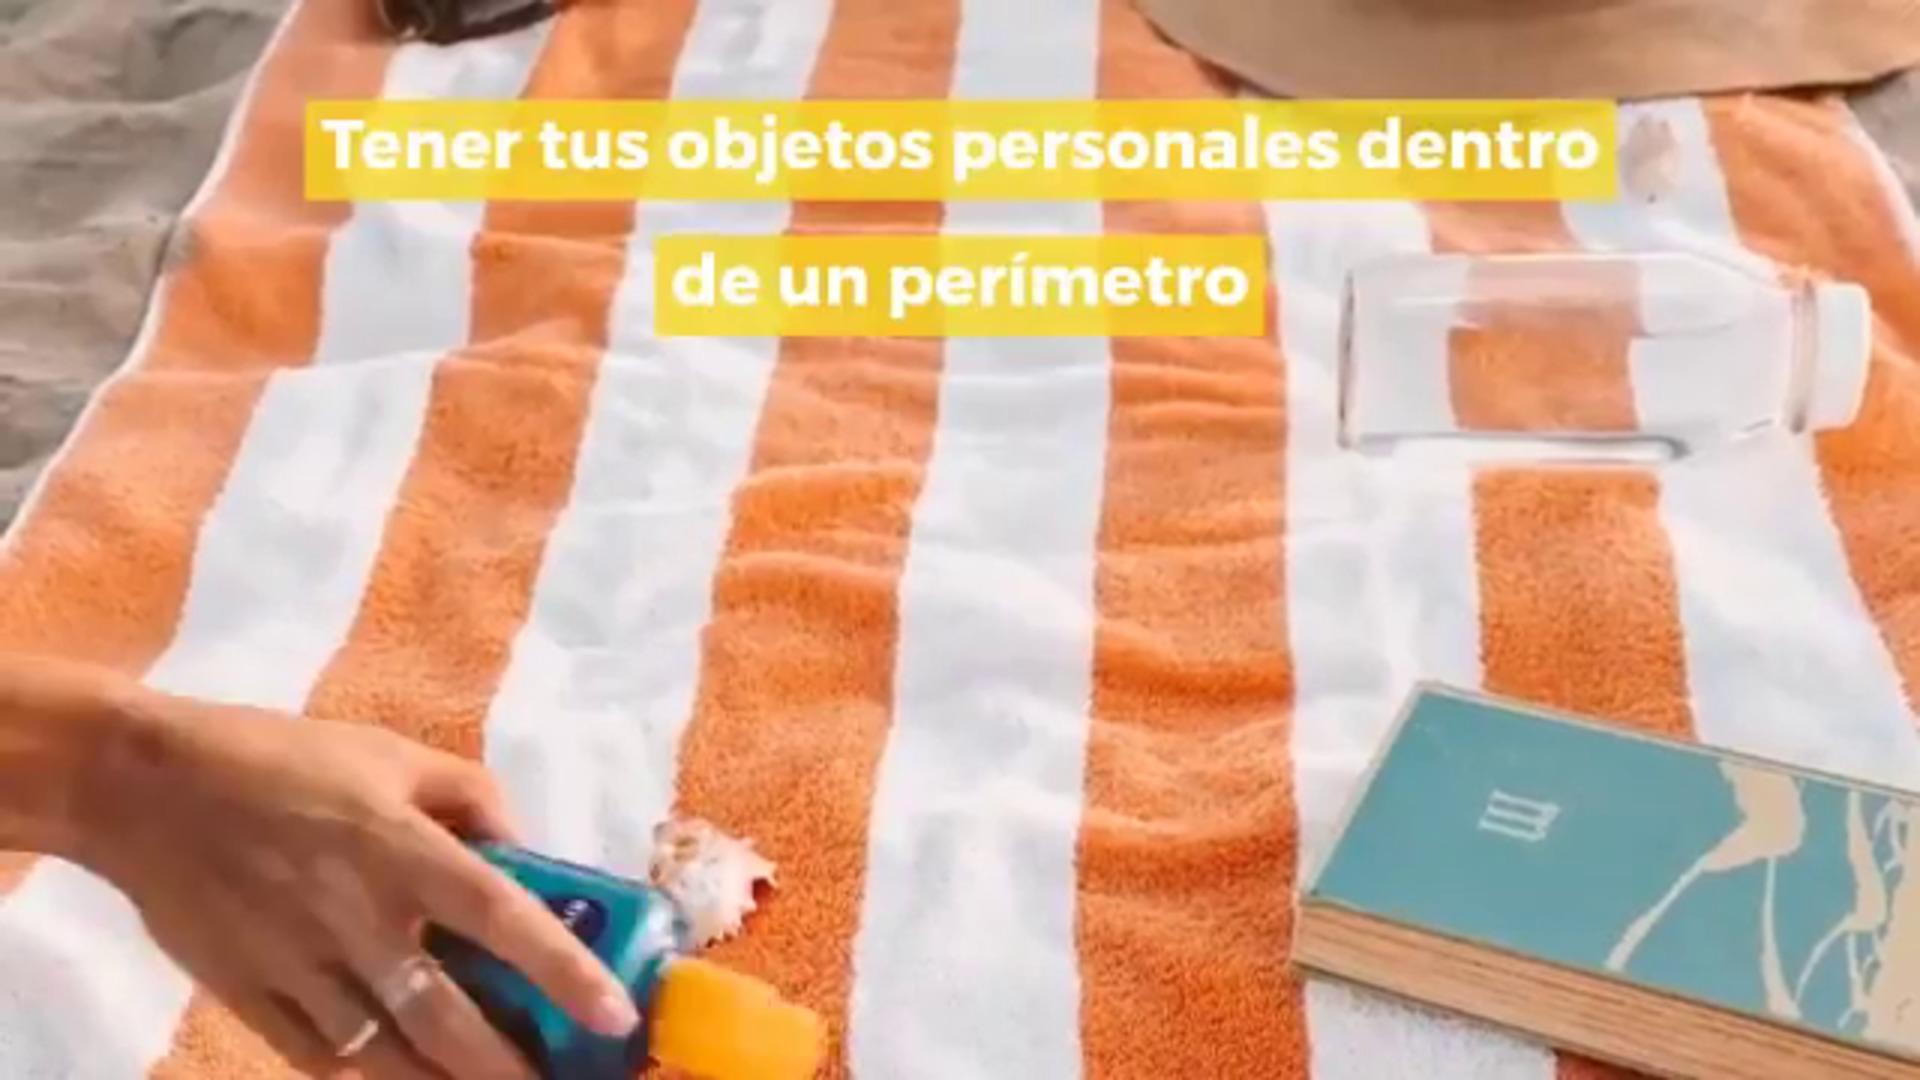 Campaña de Sanidad a los jóvenes con el lema '#NoLoTiresPorLaBorda'